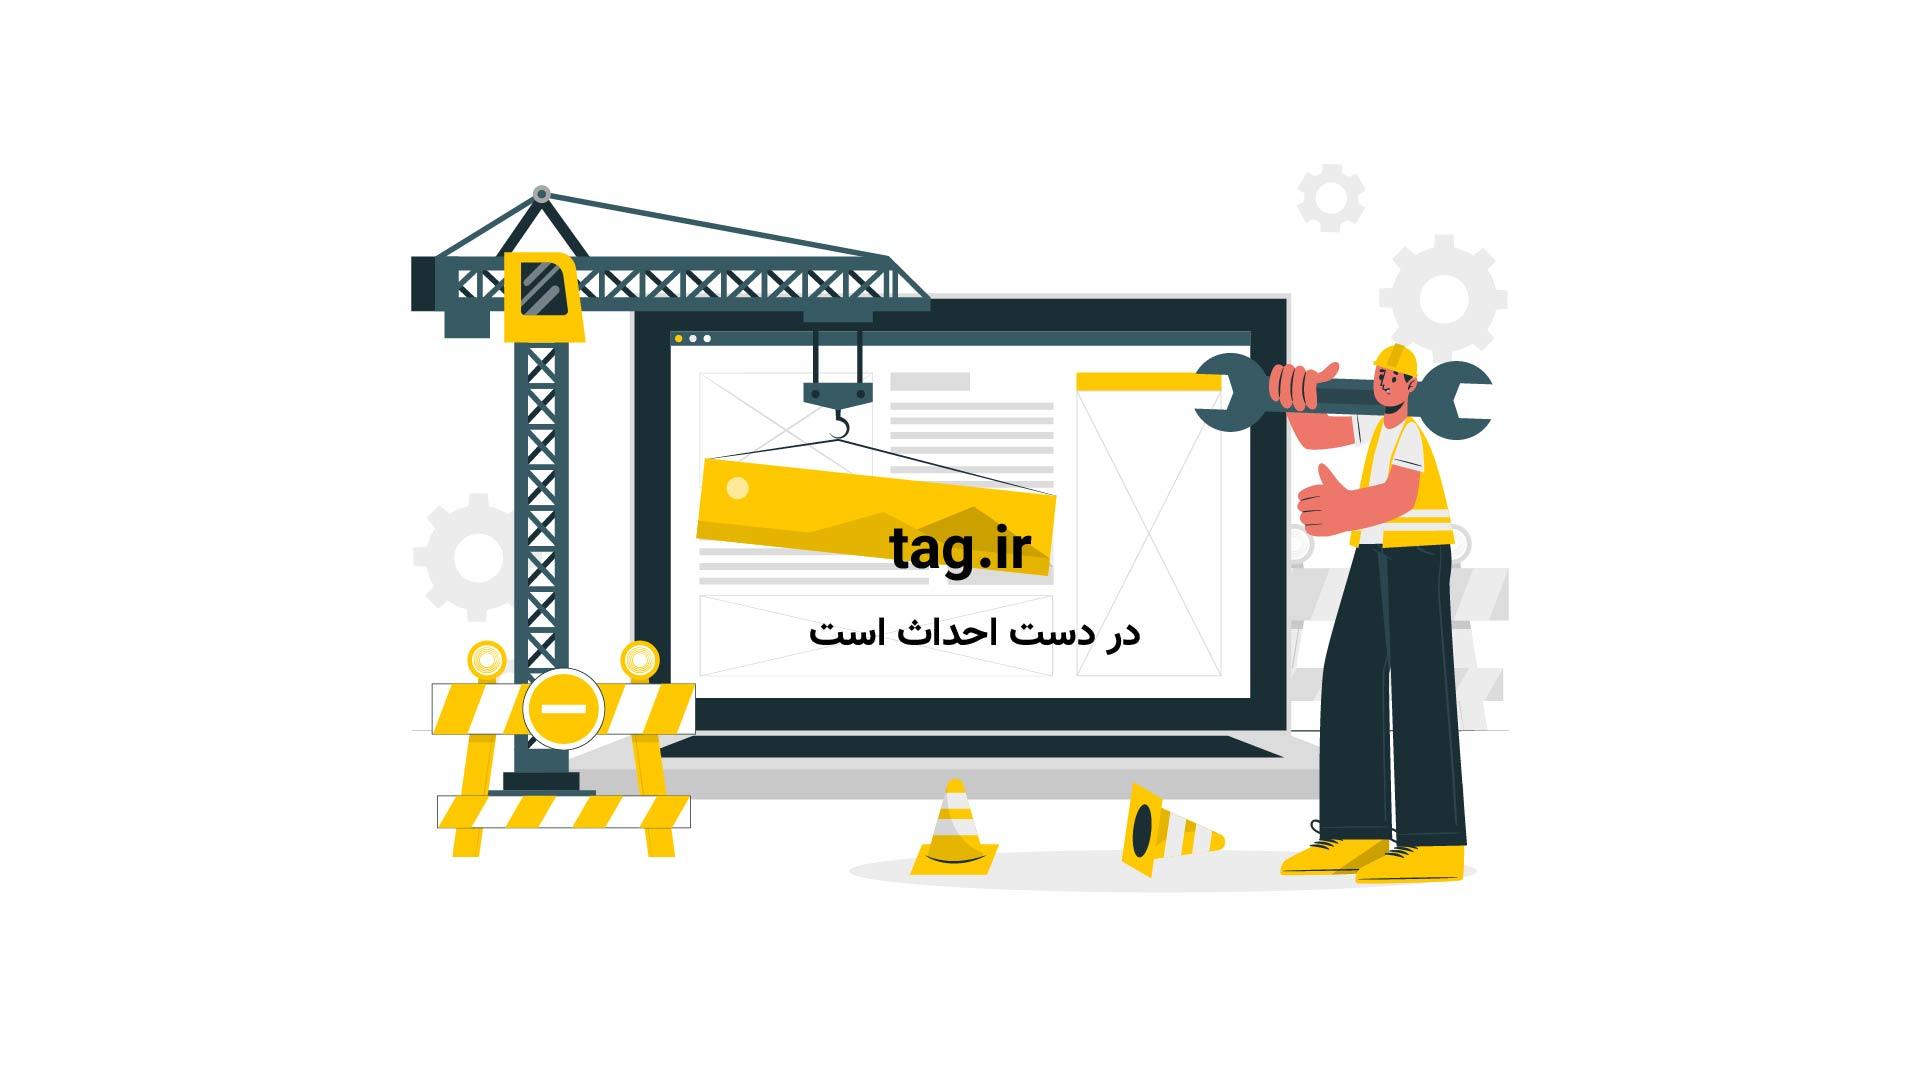 انیمیشن آموزشی | تگ